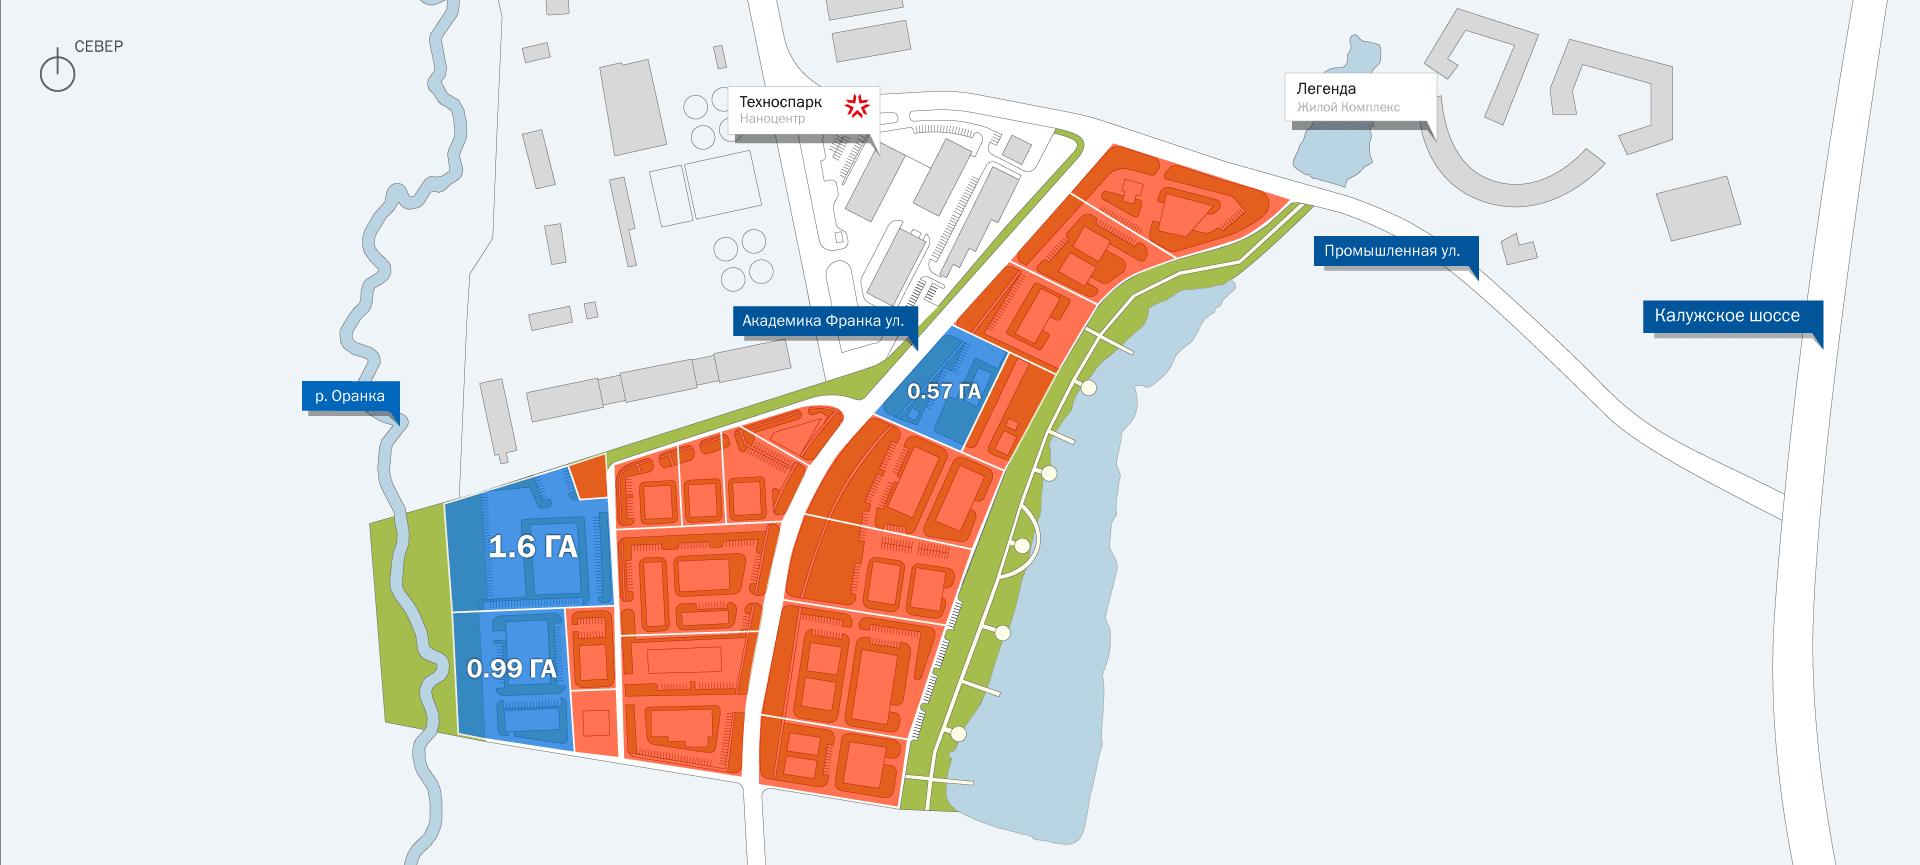 схема расположения участков, бизнес-парк Аспирант, новая Москва, Троицк